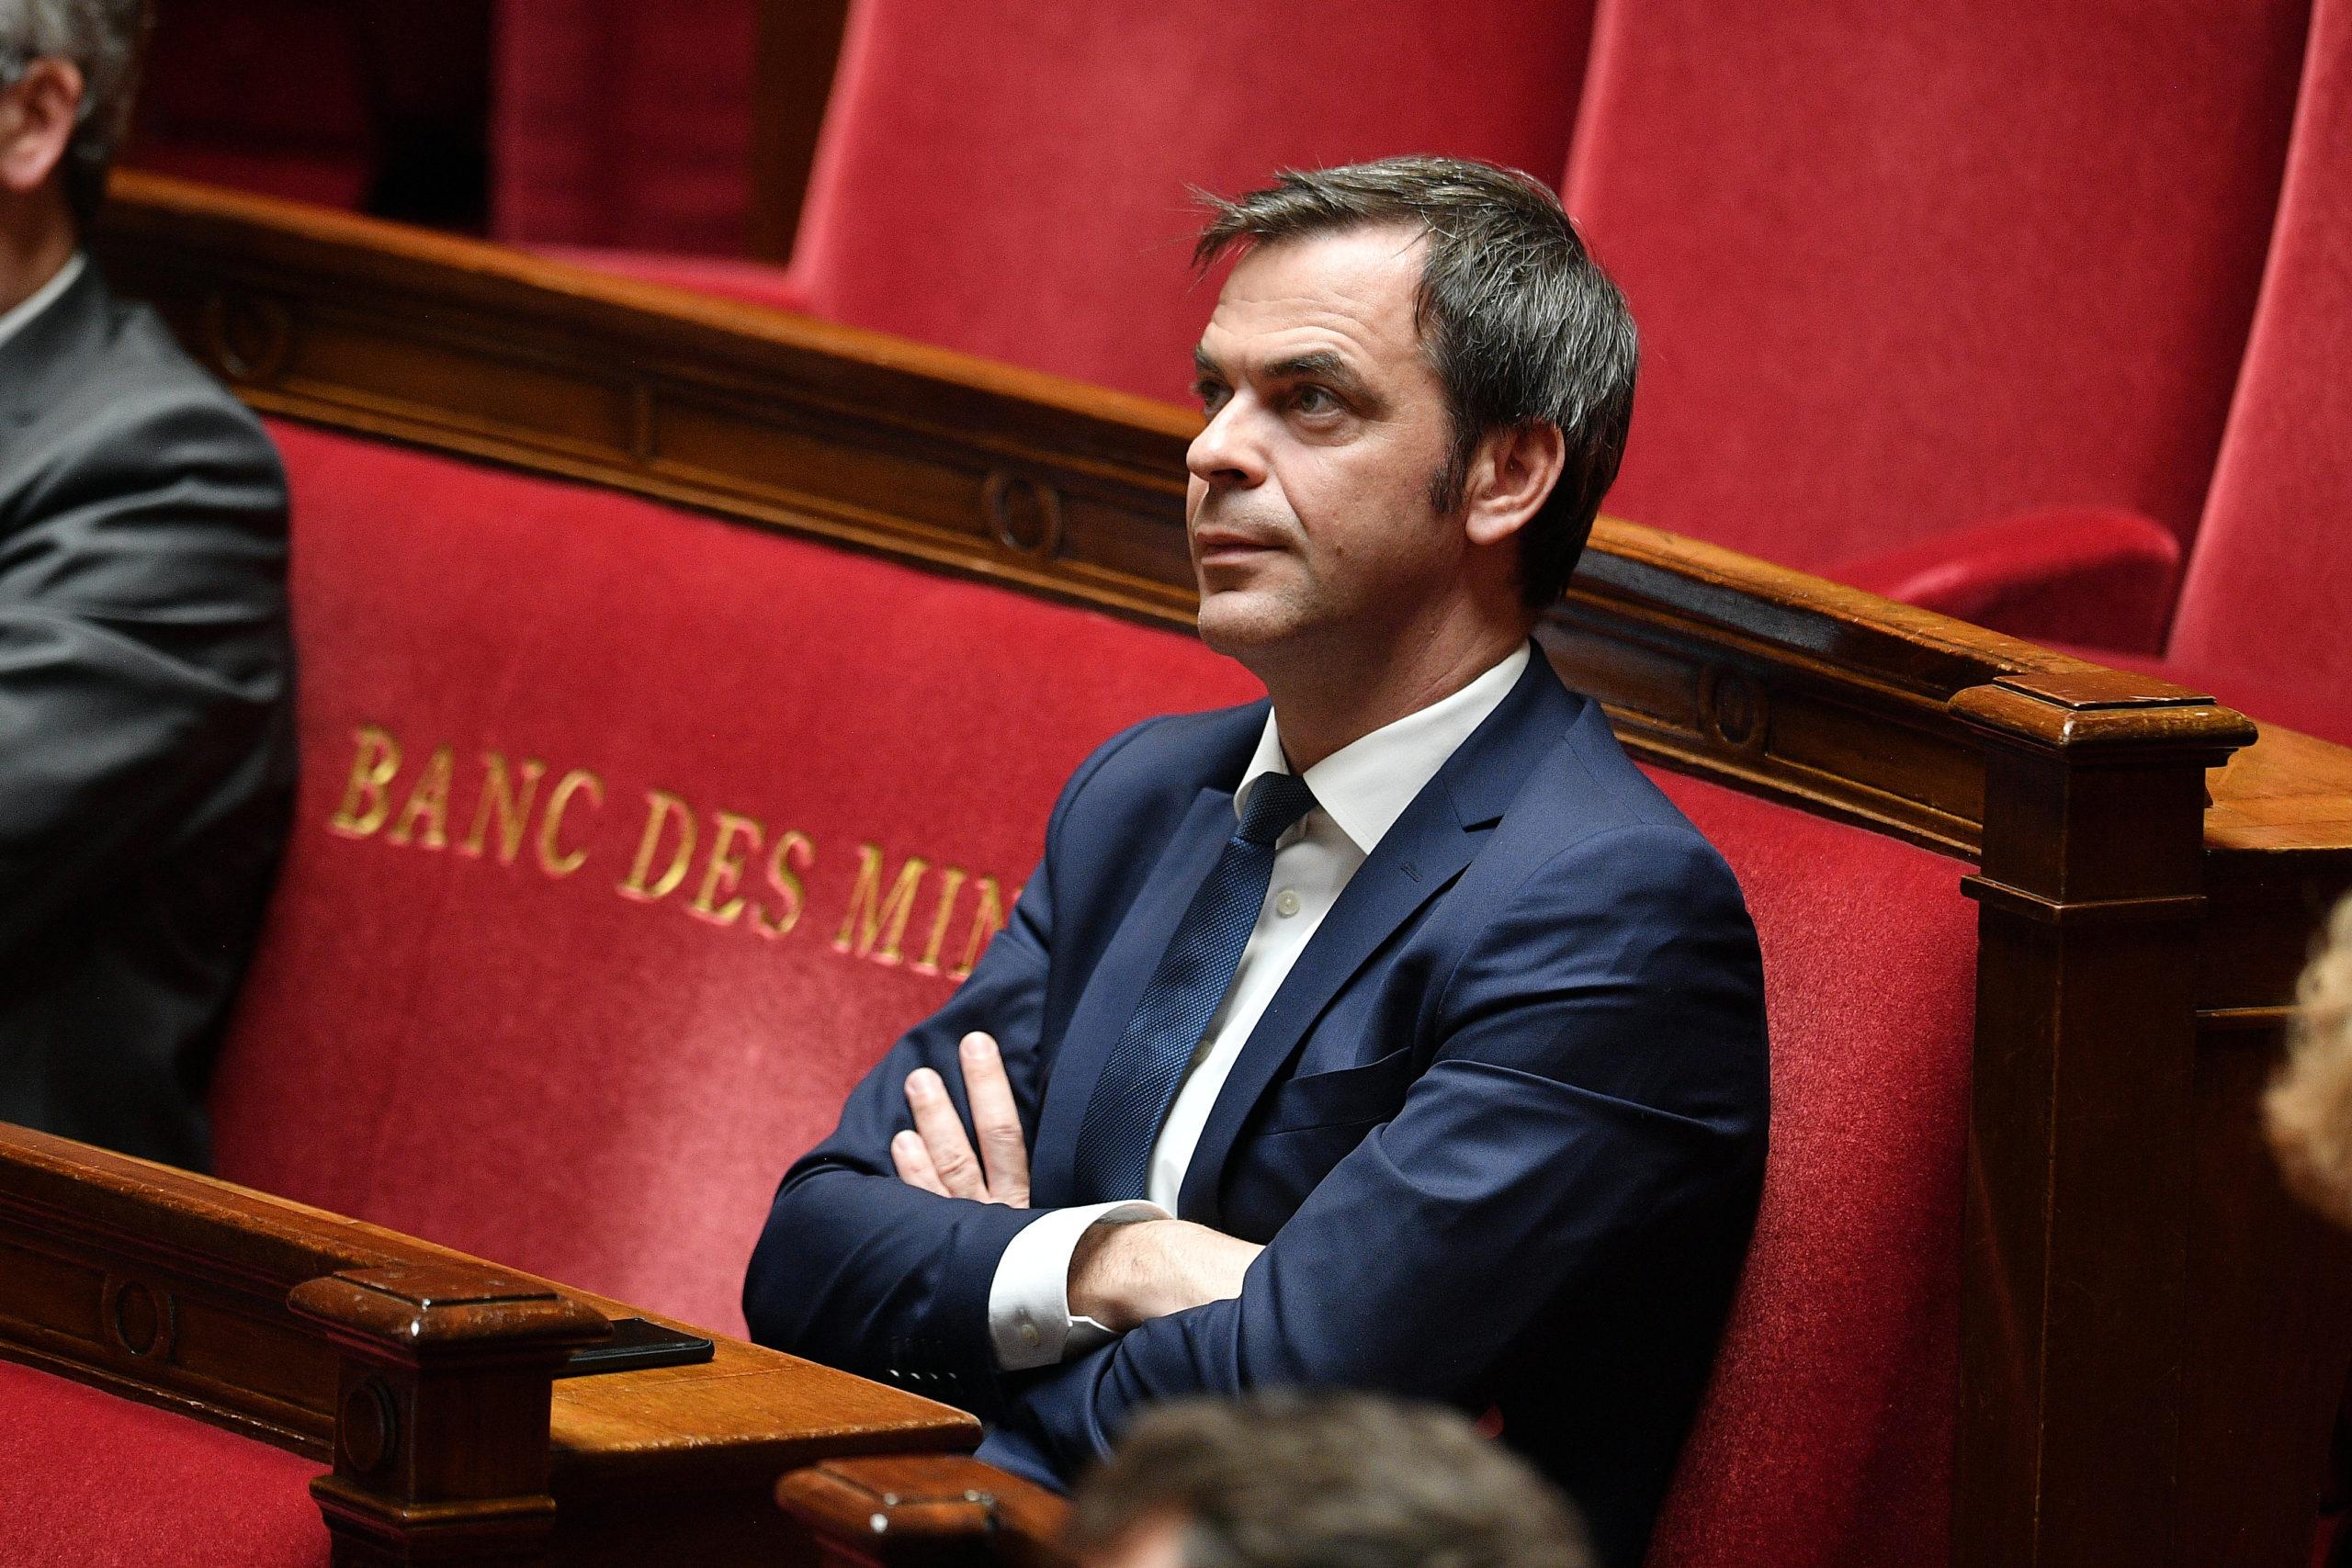 LA FRANCE VEUT PROLONGER L'ÉTAT D'URGENCE SANITAIRE, PAS D'ISOLEMENT OBLIGATOIRE